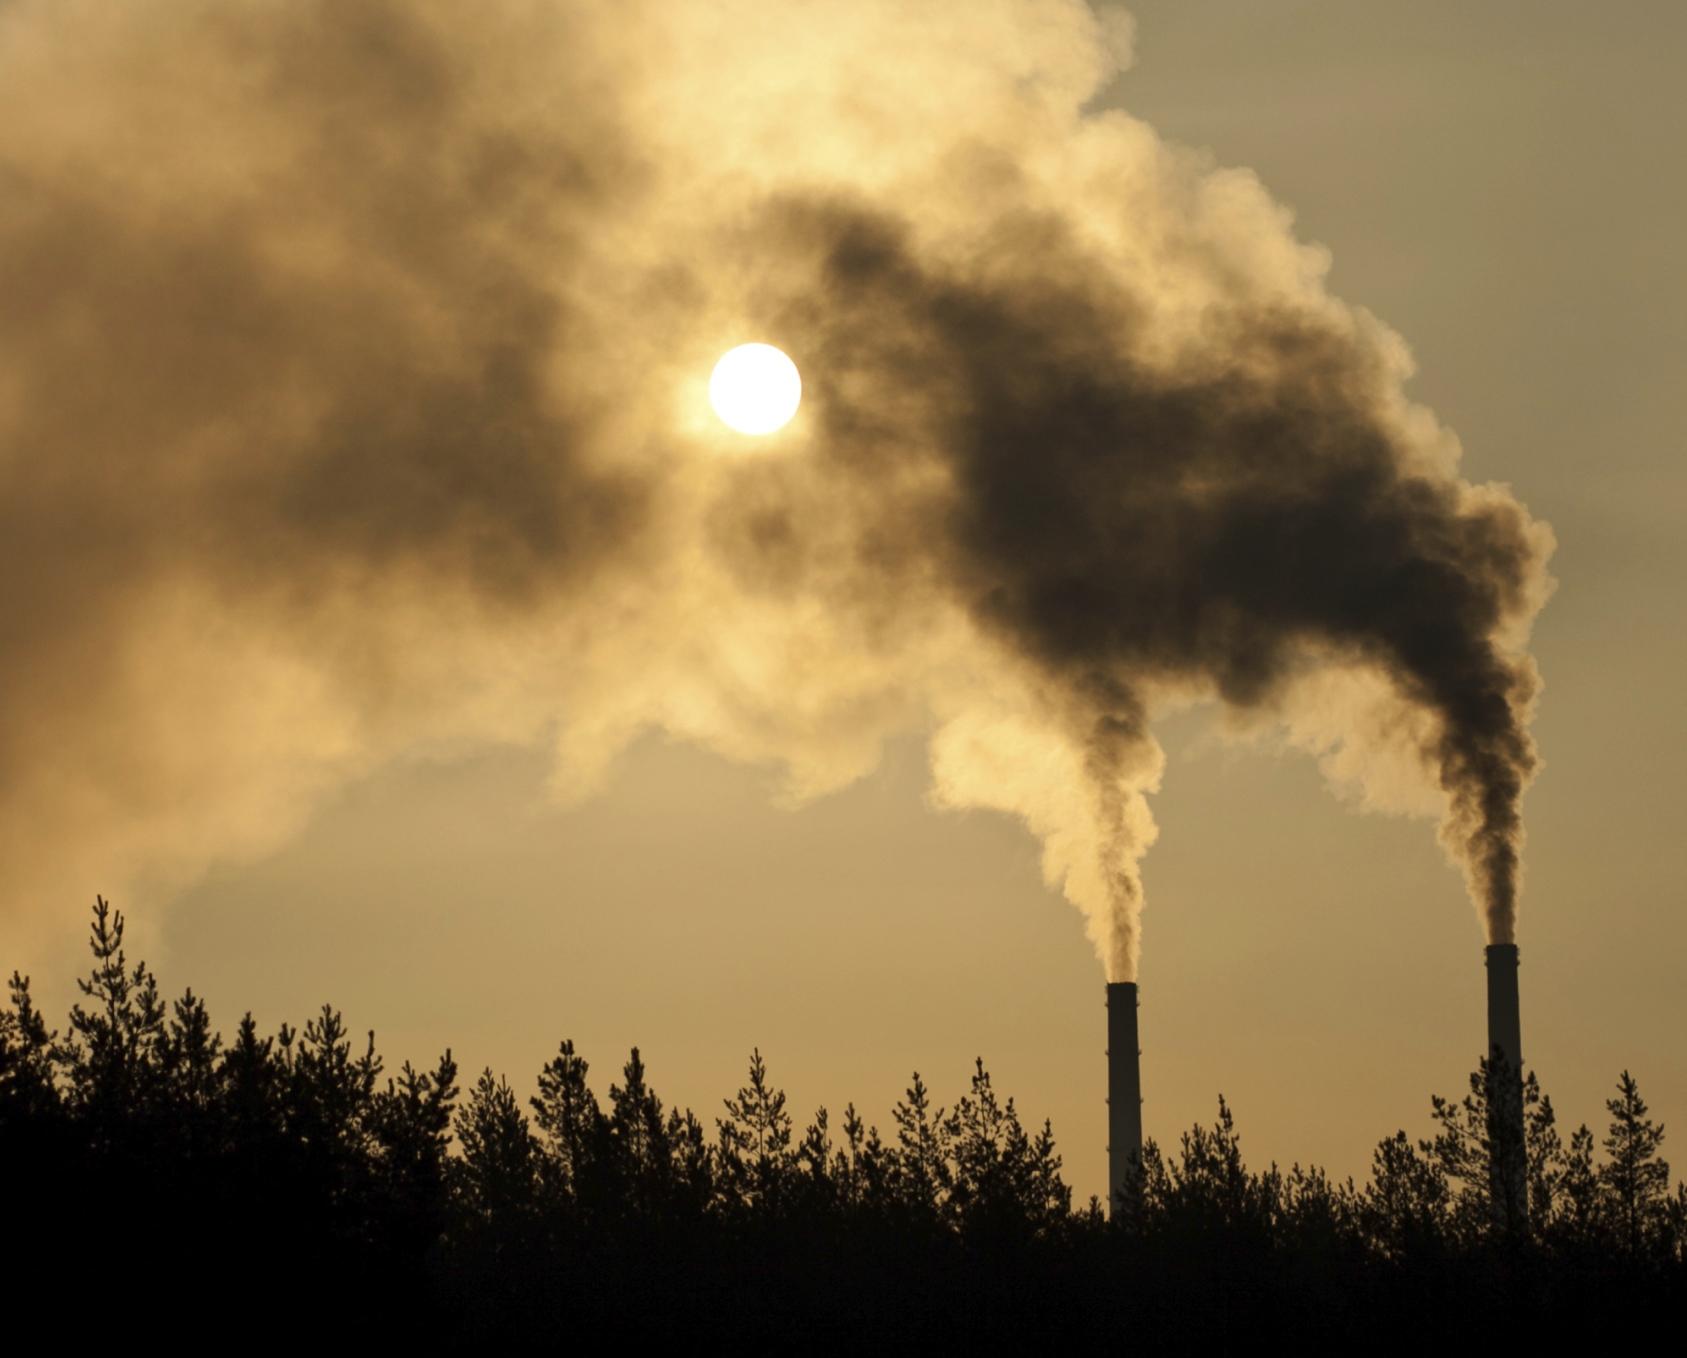 CO2 -gassen som velter ut fra sementfabrikkpiper, og strømmer ut fra eksosrør og forbrenningsanlegg, er årsaken til at vi står overfor vår tids største miljøutfordring. Foto: ThinkStock.